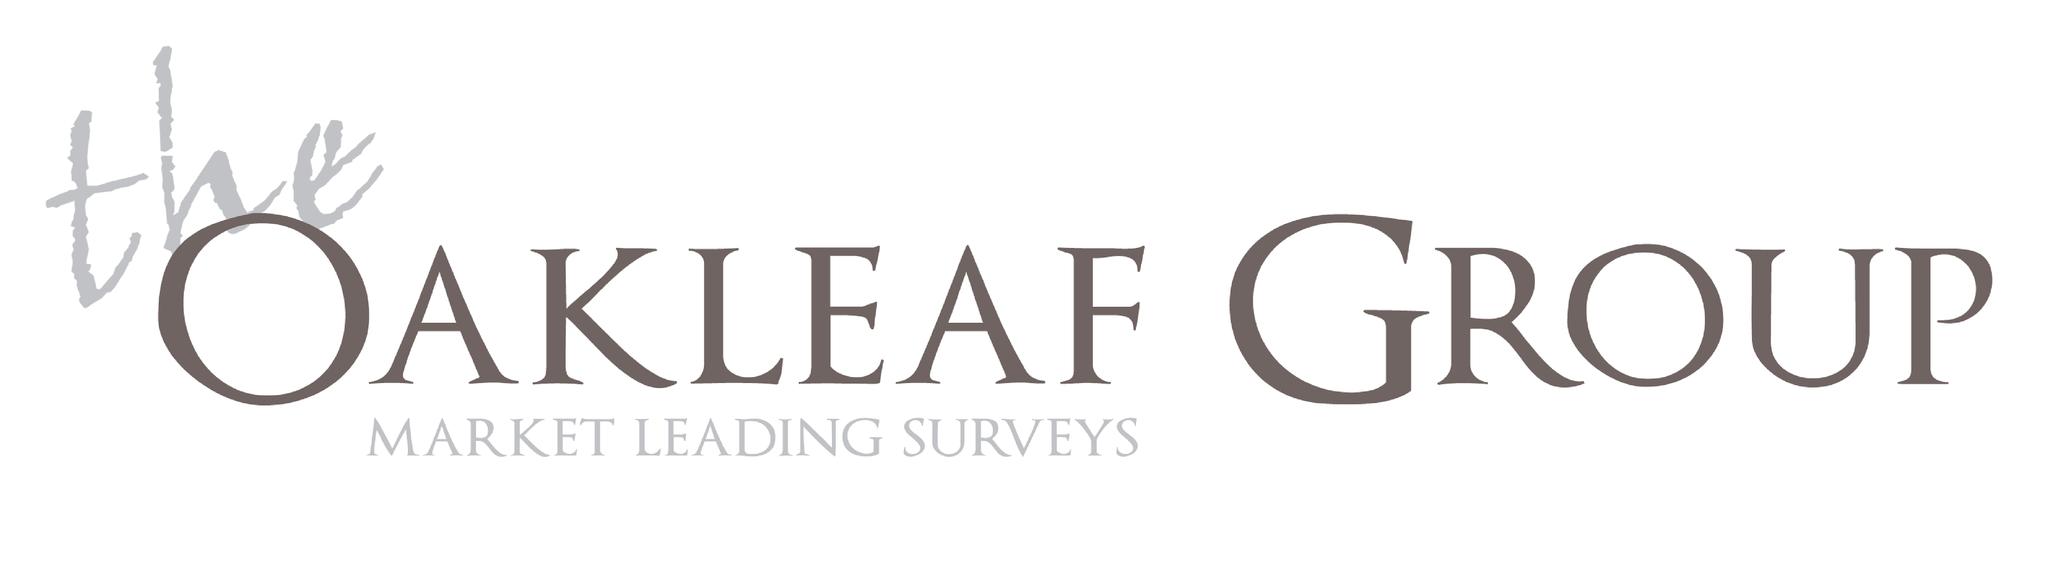 Oakleaf Group